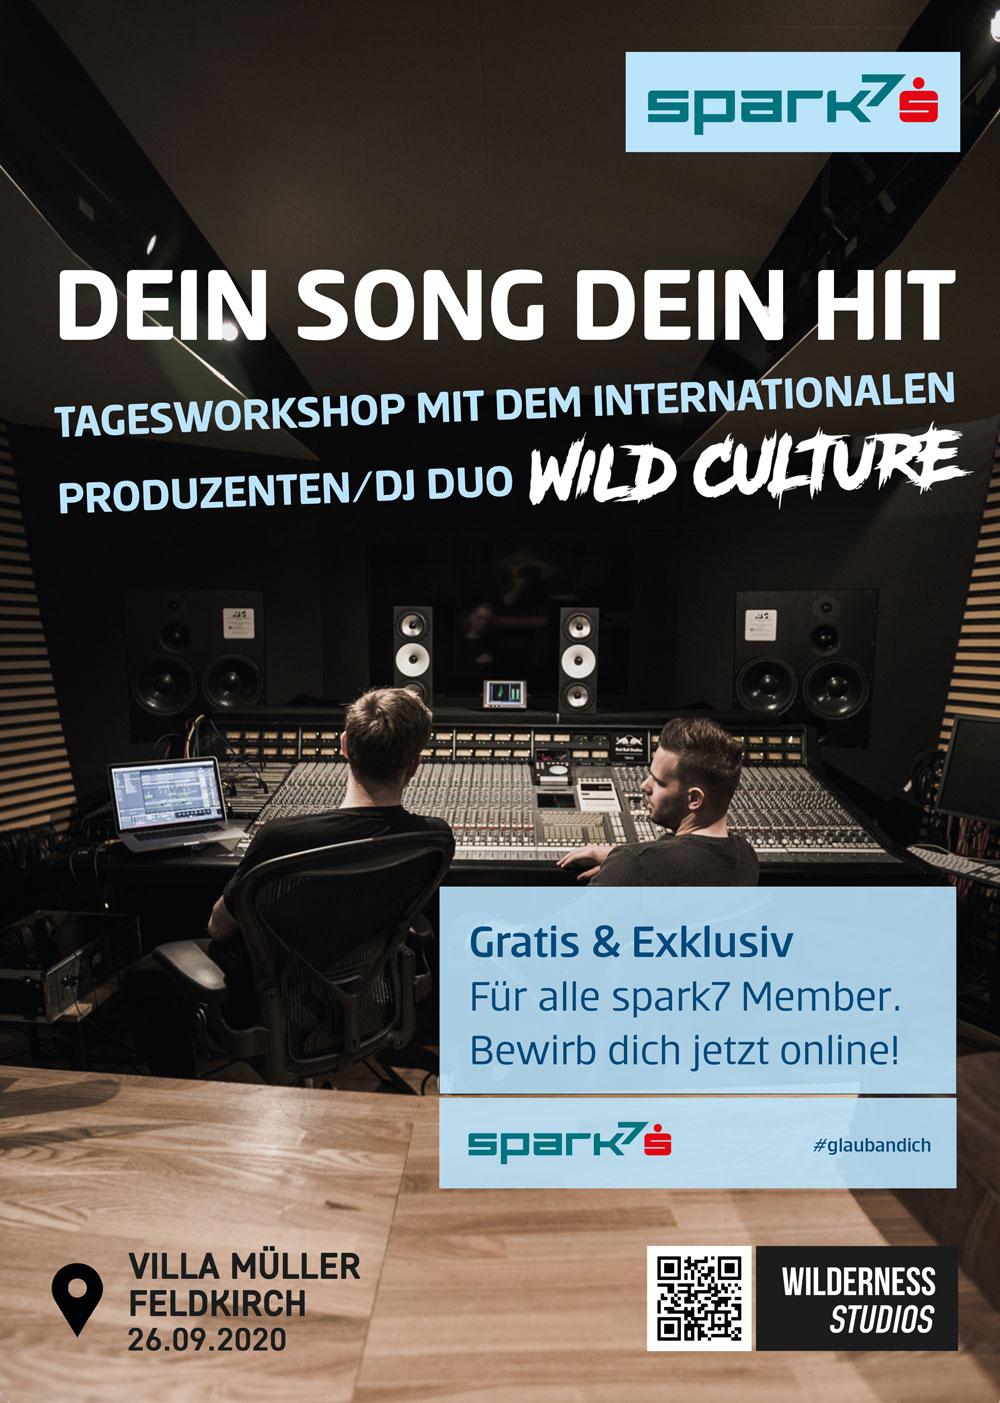 DJ Workshop mit Wild Culture und Spark7 Vorarlberg in der Villa Müller Feldkirch.